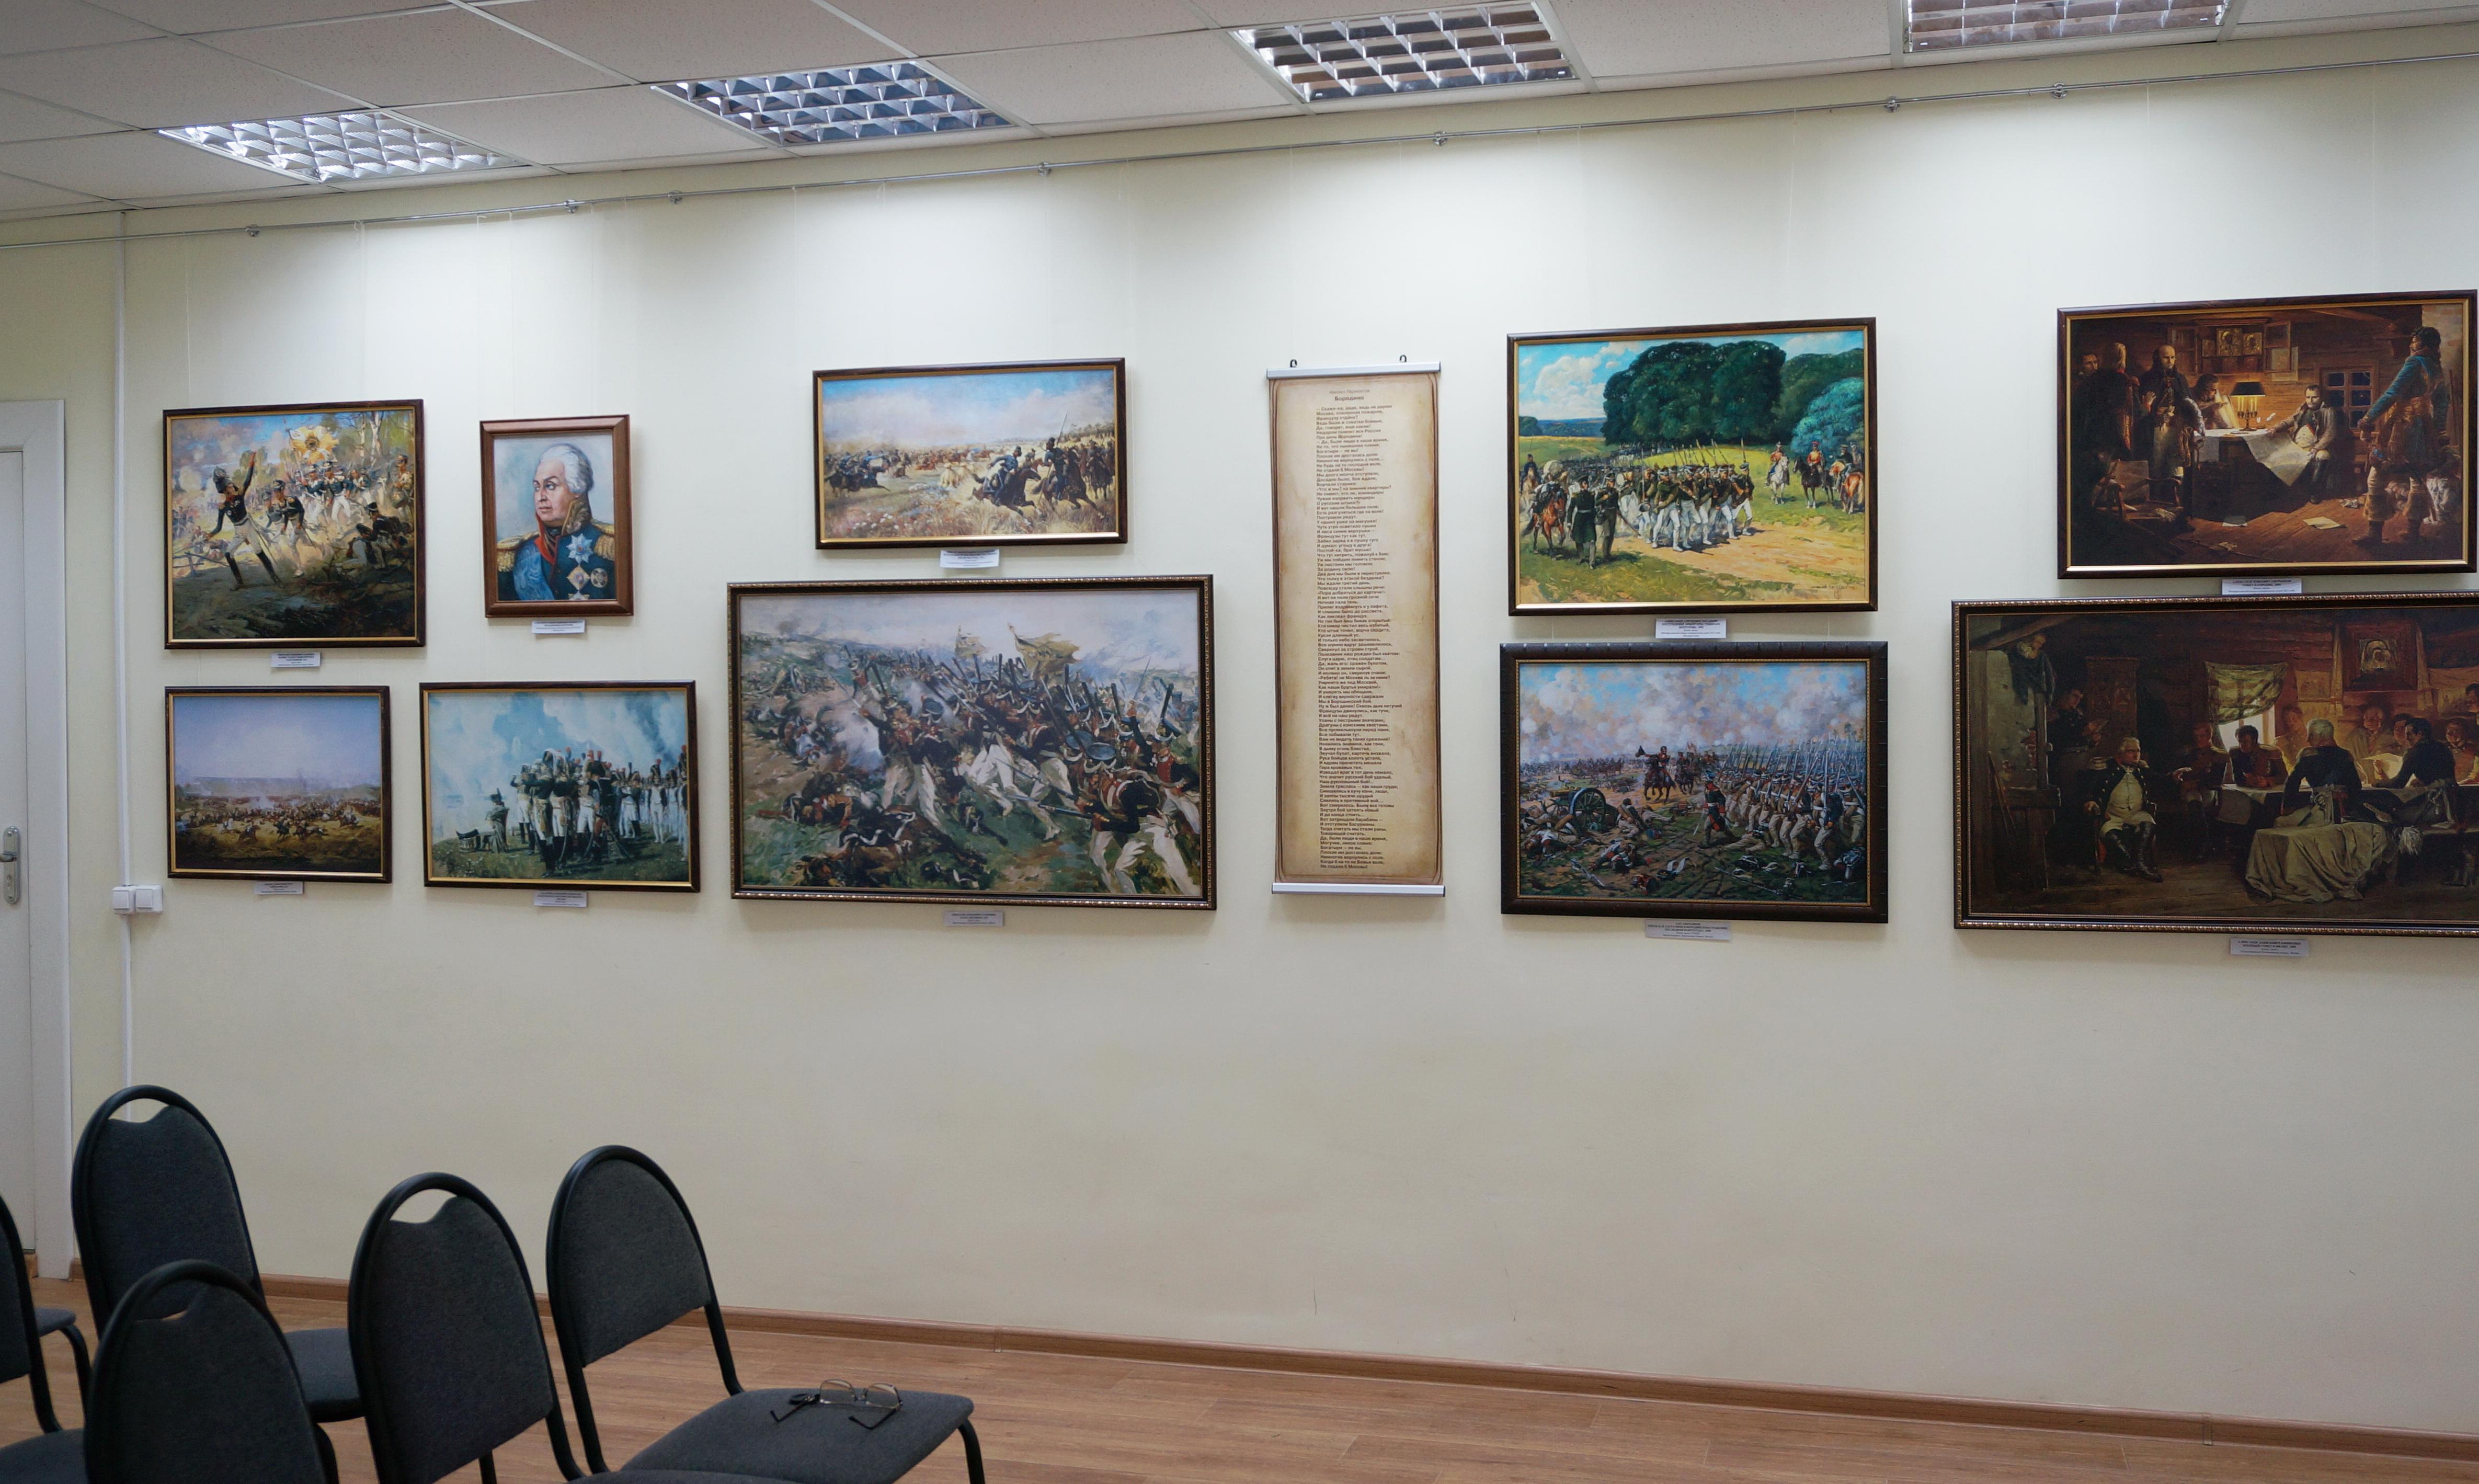 Центр дизайна artplay официальный сайт на курской фотостудия